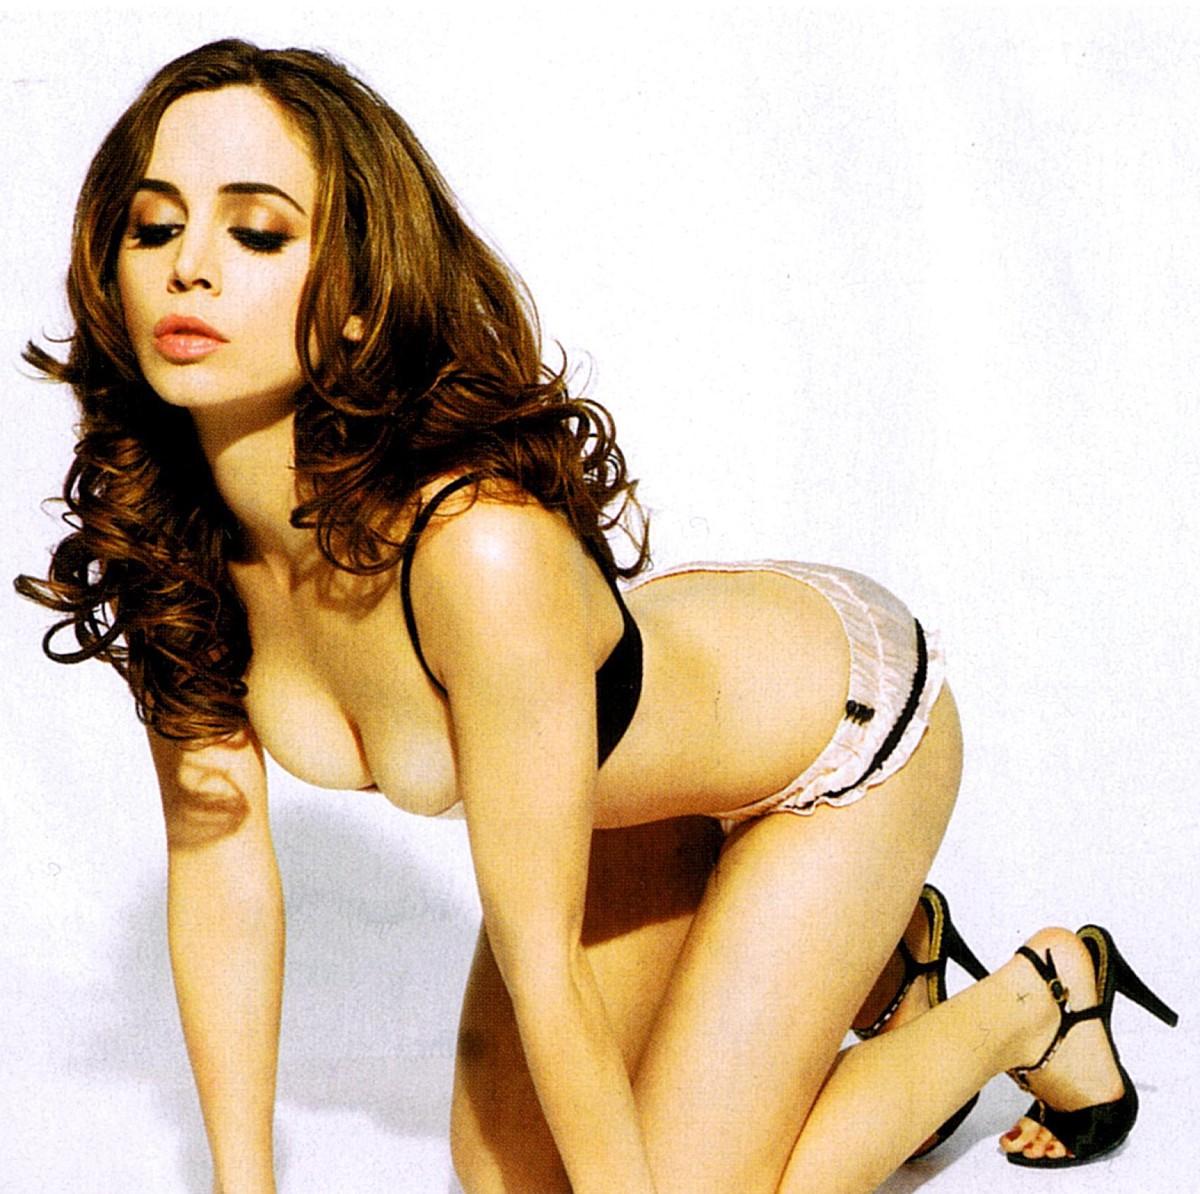 http://1.bp.blogspot.com/-jjCx80s8g8Y/TnwrsJMOZ-I/AAAAAAAACCQ/hY-pehnVEMc/s1600/Eliza+Dushku3.jpg